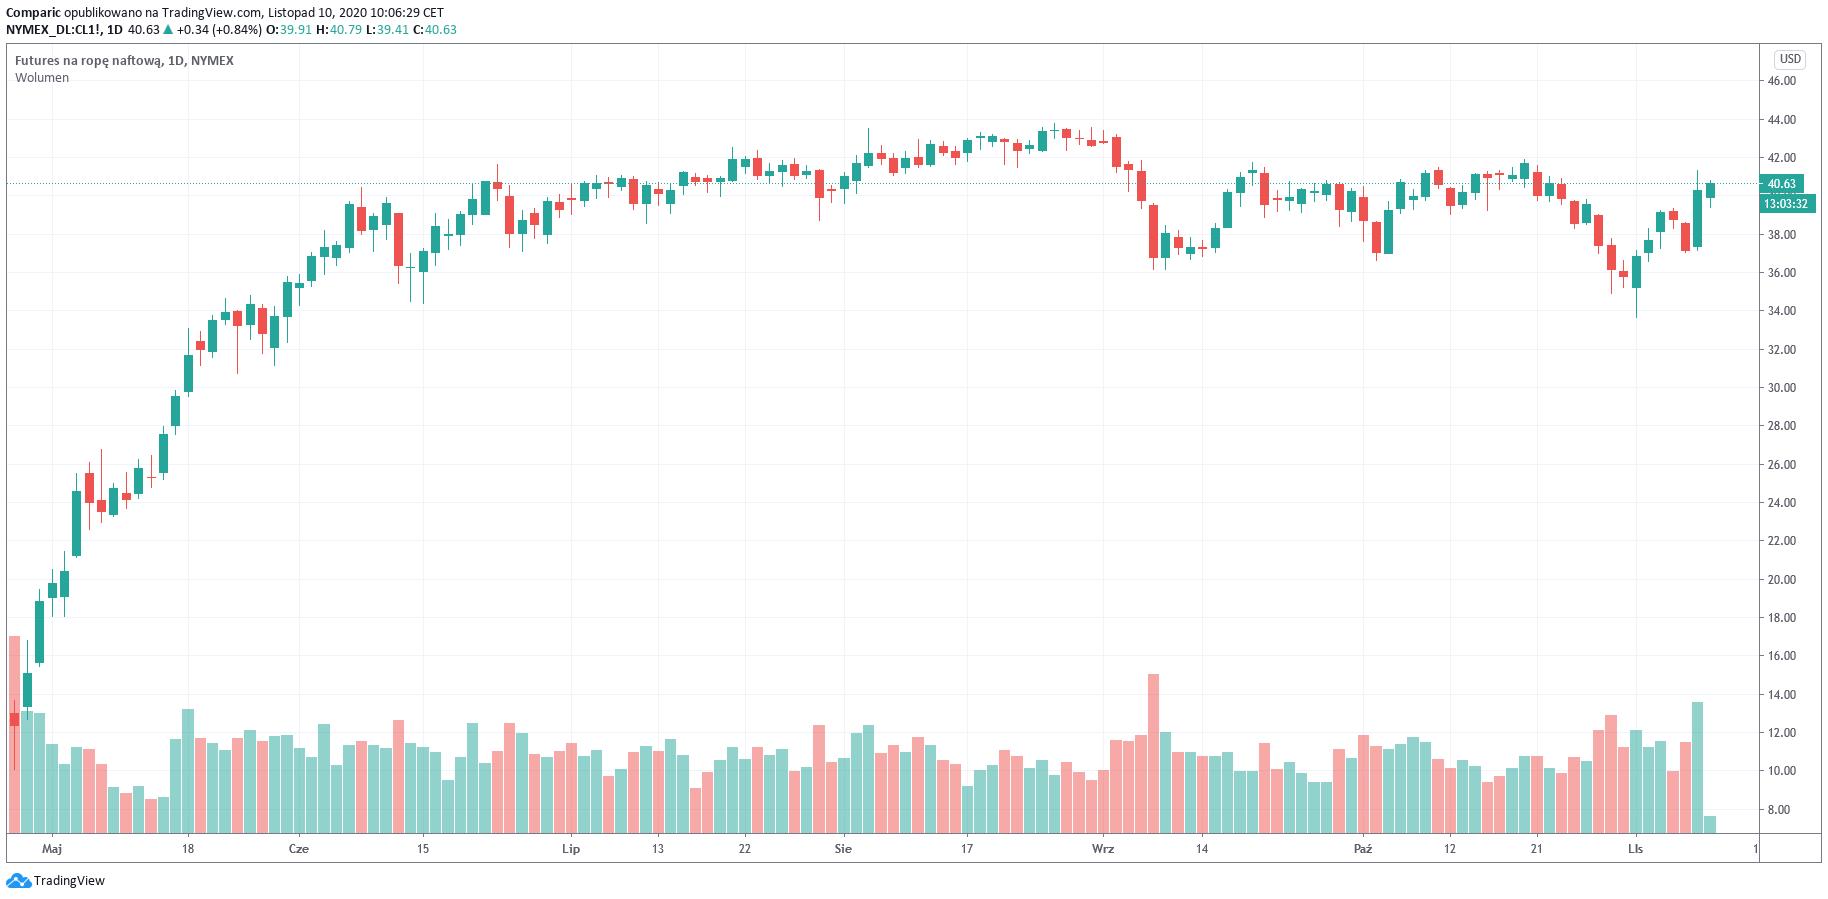 Cena ropy we wtorek w górę. Czy zwyżka z poniedziałku zostanie utrzymana?